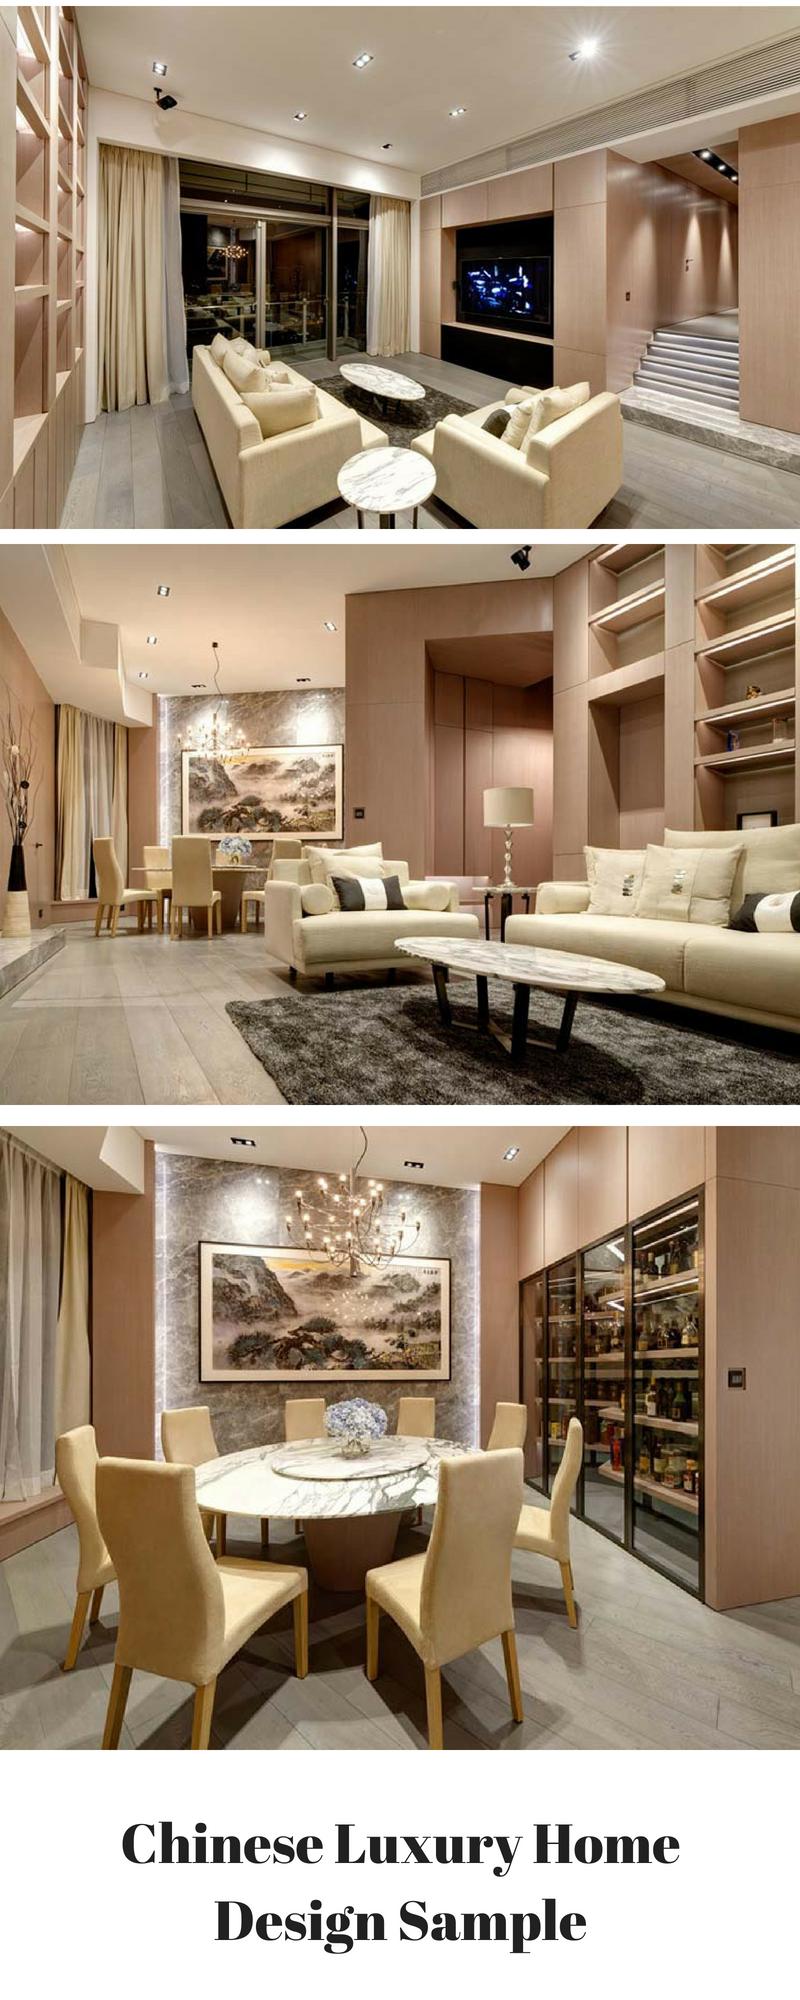 Chinese Luxury Home Design Sample Interior Design In Beige Tones